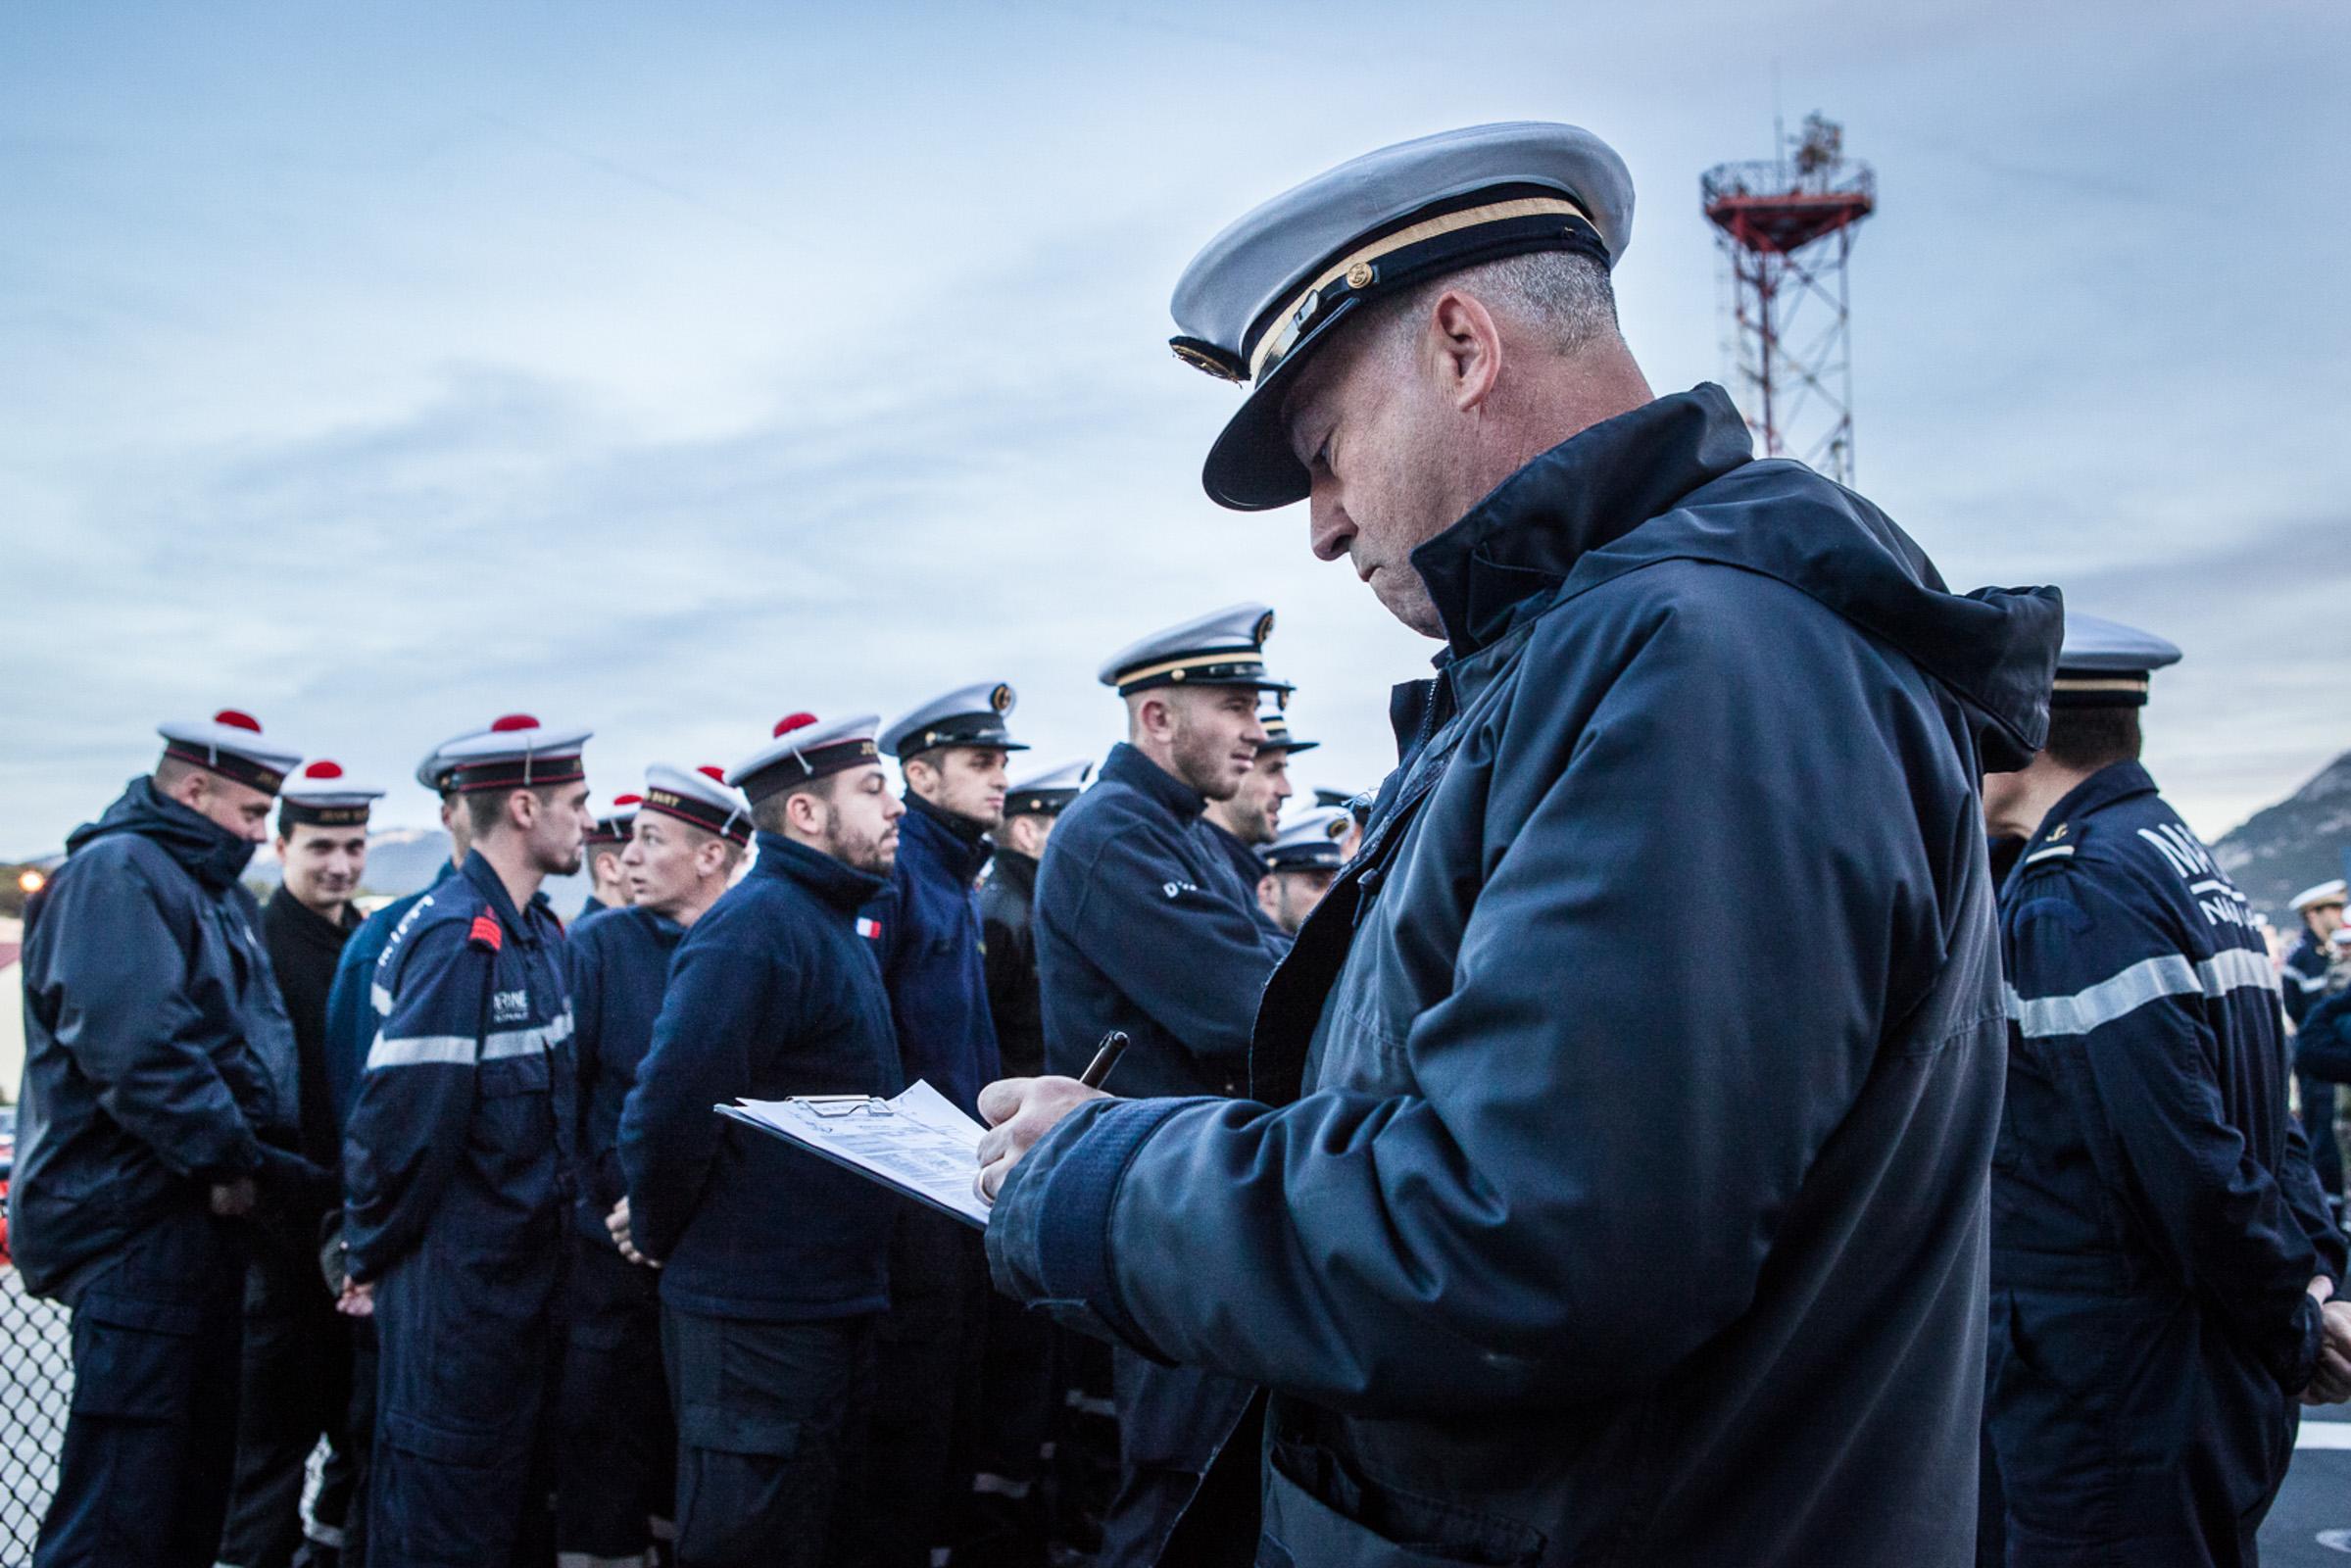 """Mer méditerrannée, 30.11.2015. Le """"Jean bart"""", frégate anti-aérienne, sur le point de partir en exercices. Appel sur le pont avant le lever de drapeau."""